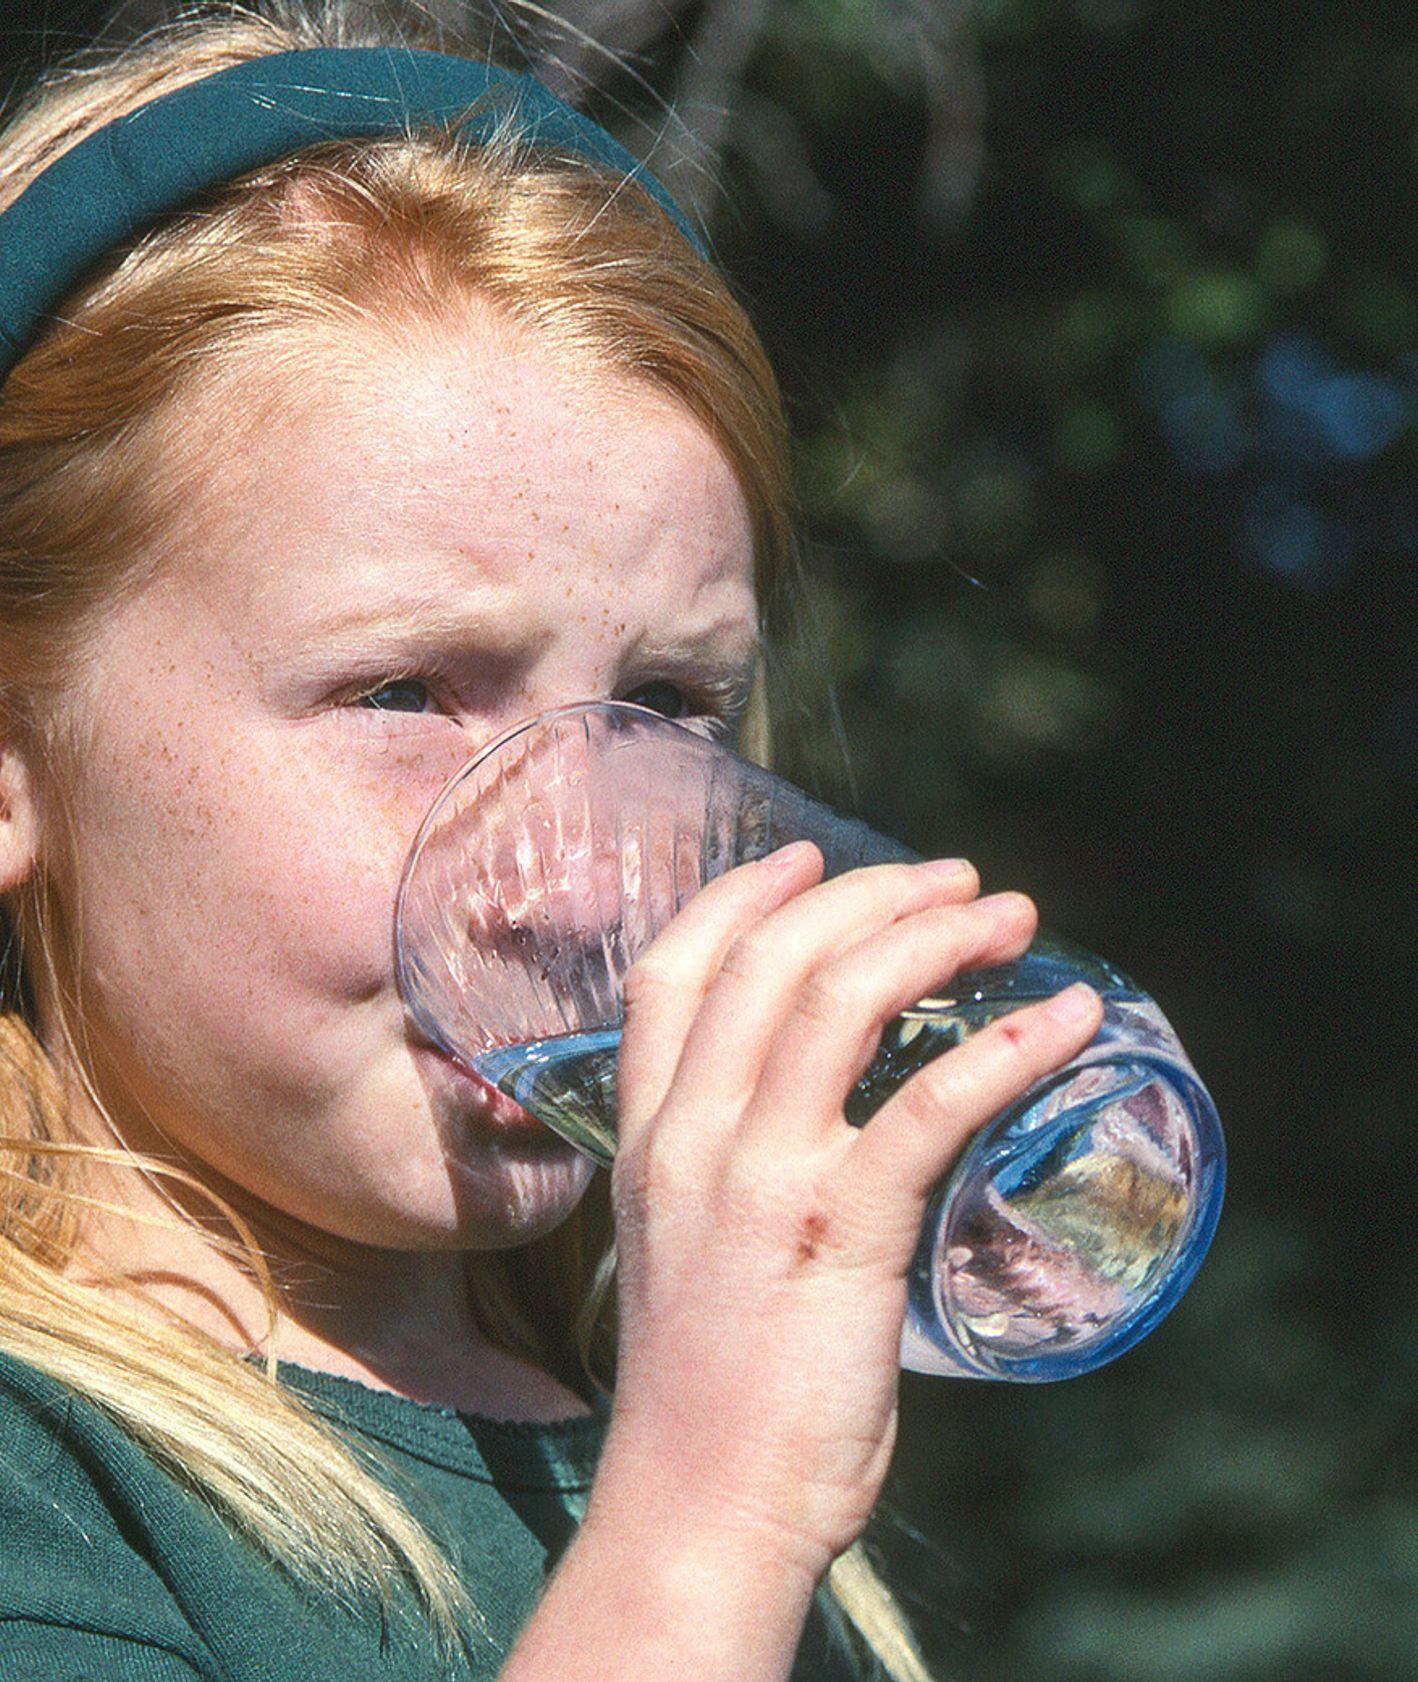 Dziewczynka pijąca wodę (fot. Tracey Hocking / unsplash.com)